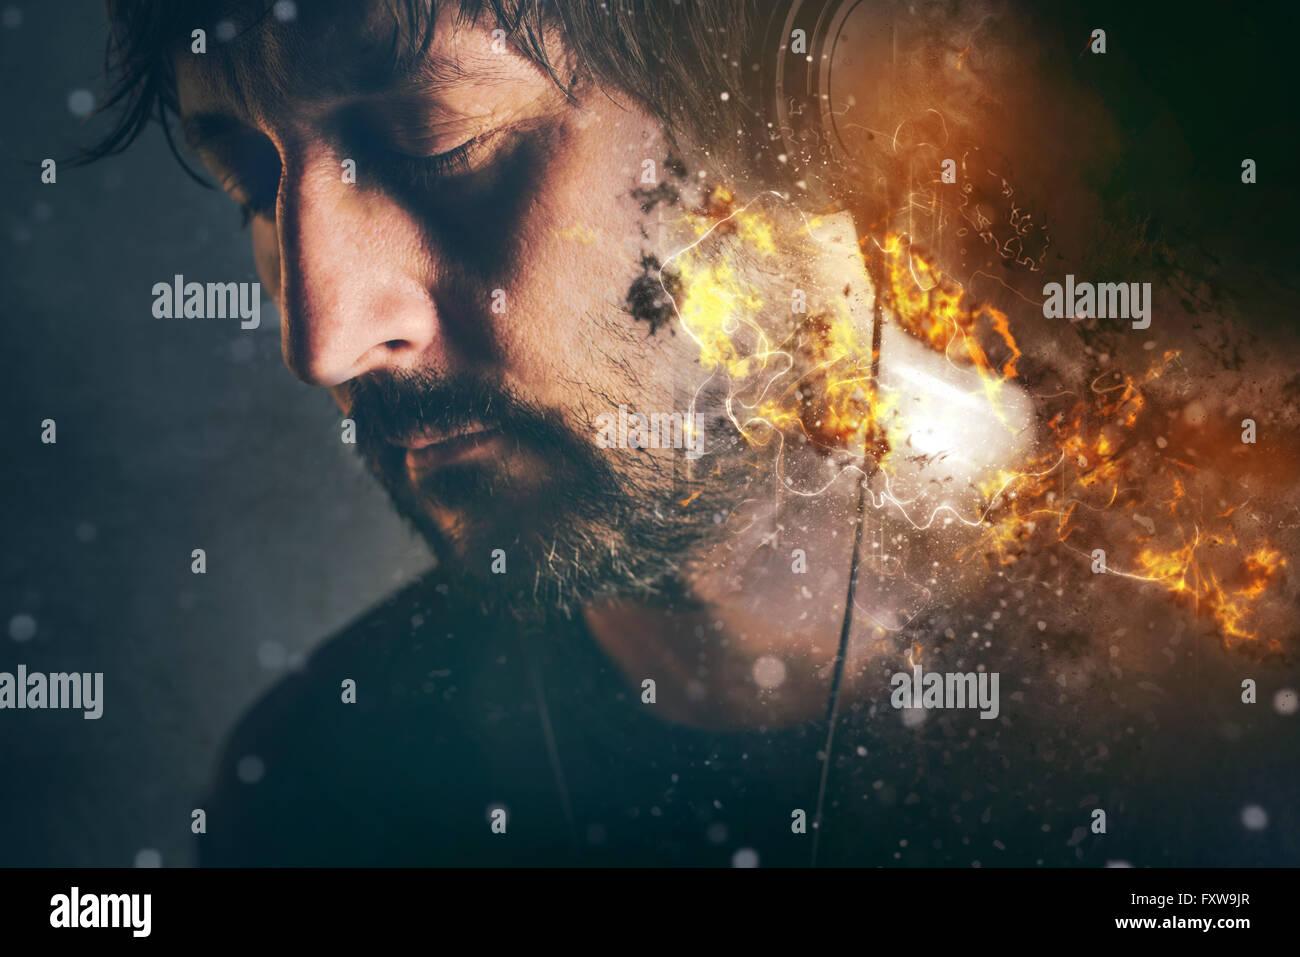 DJ sul fuoco, Uomo con cuffie di masterizzazione godendo canzone preferita o la musica, il fuoco selettivo Immagini Stock